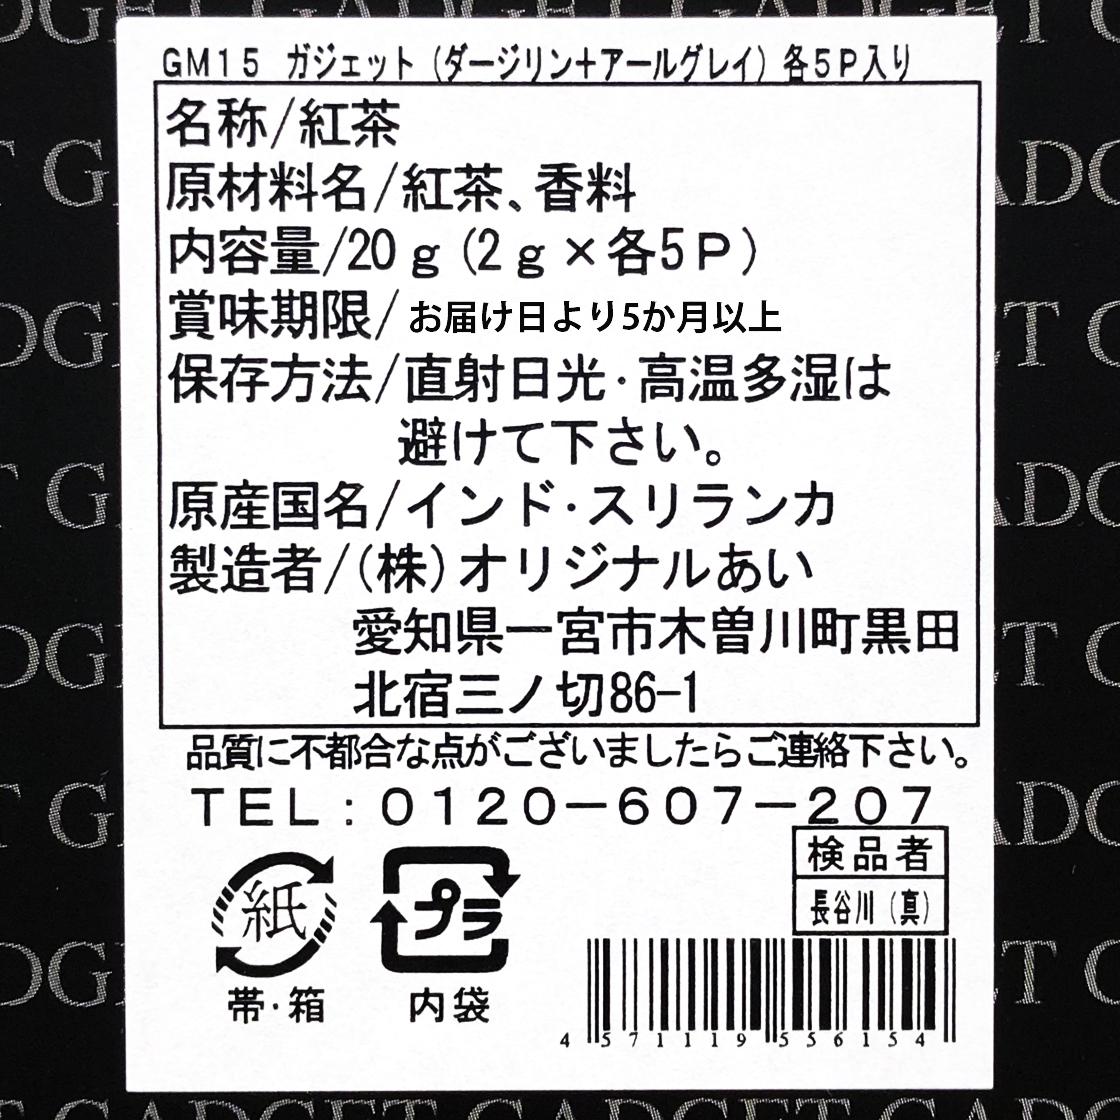 カタログギフト/ヴァンウエスト/オランジュ+引き菓子+プラス1品 26